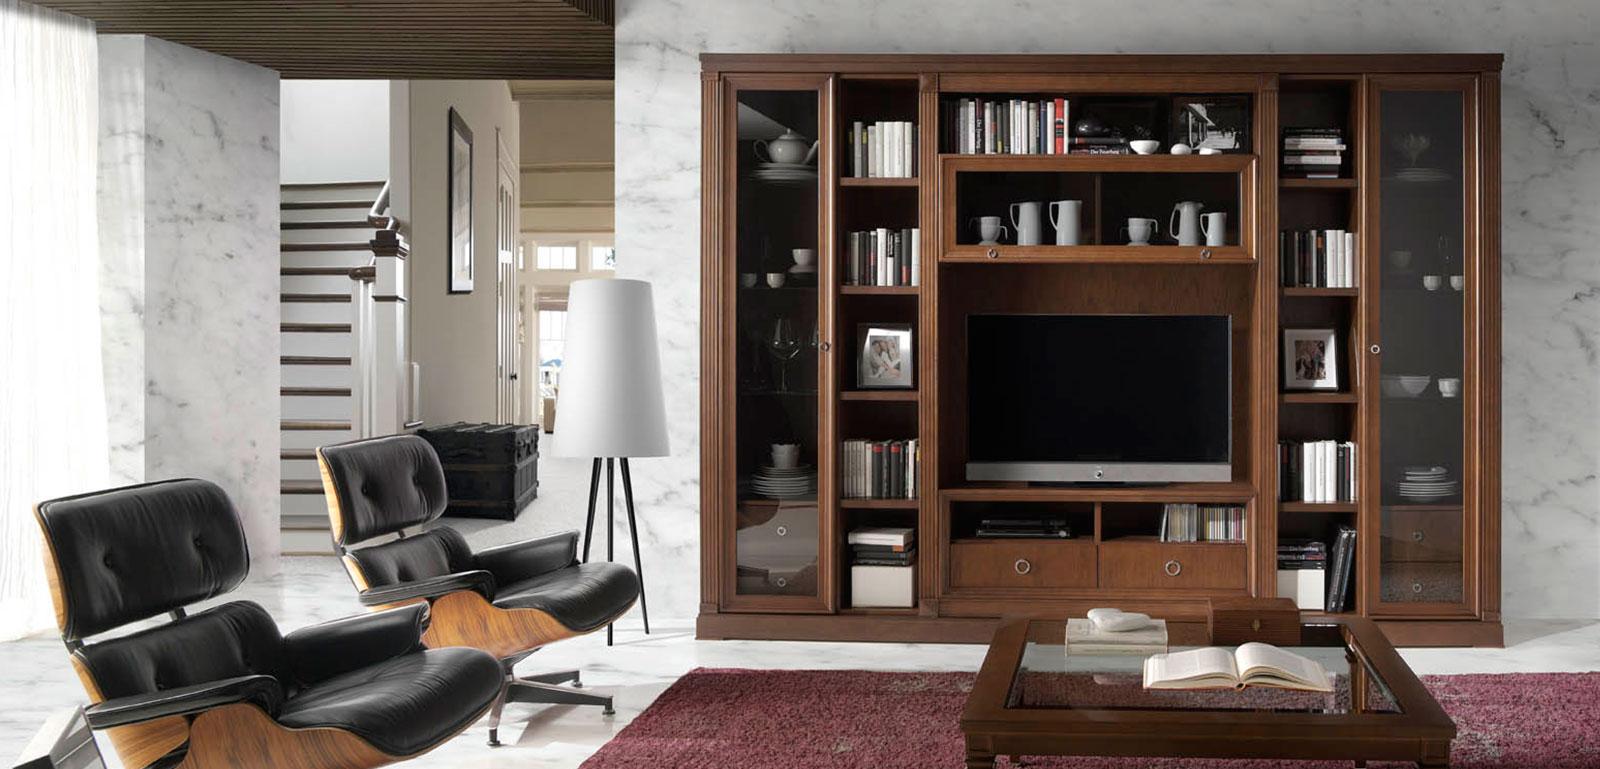 Muebles monrabal chirivella estanter a colecci n pasi n - Estanterias para comedor ...